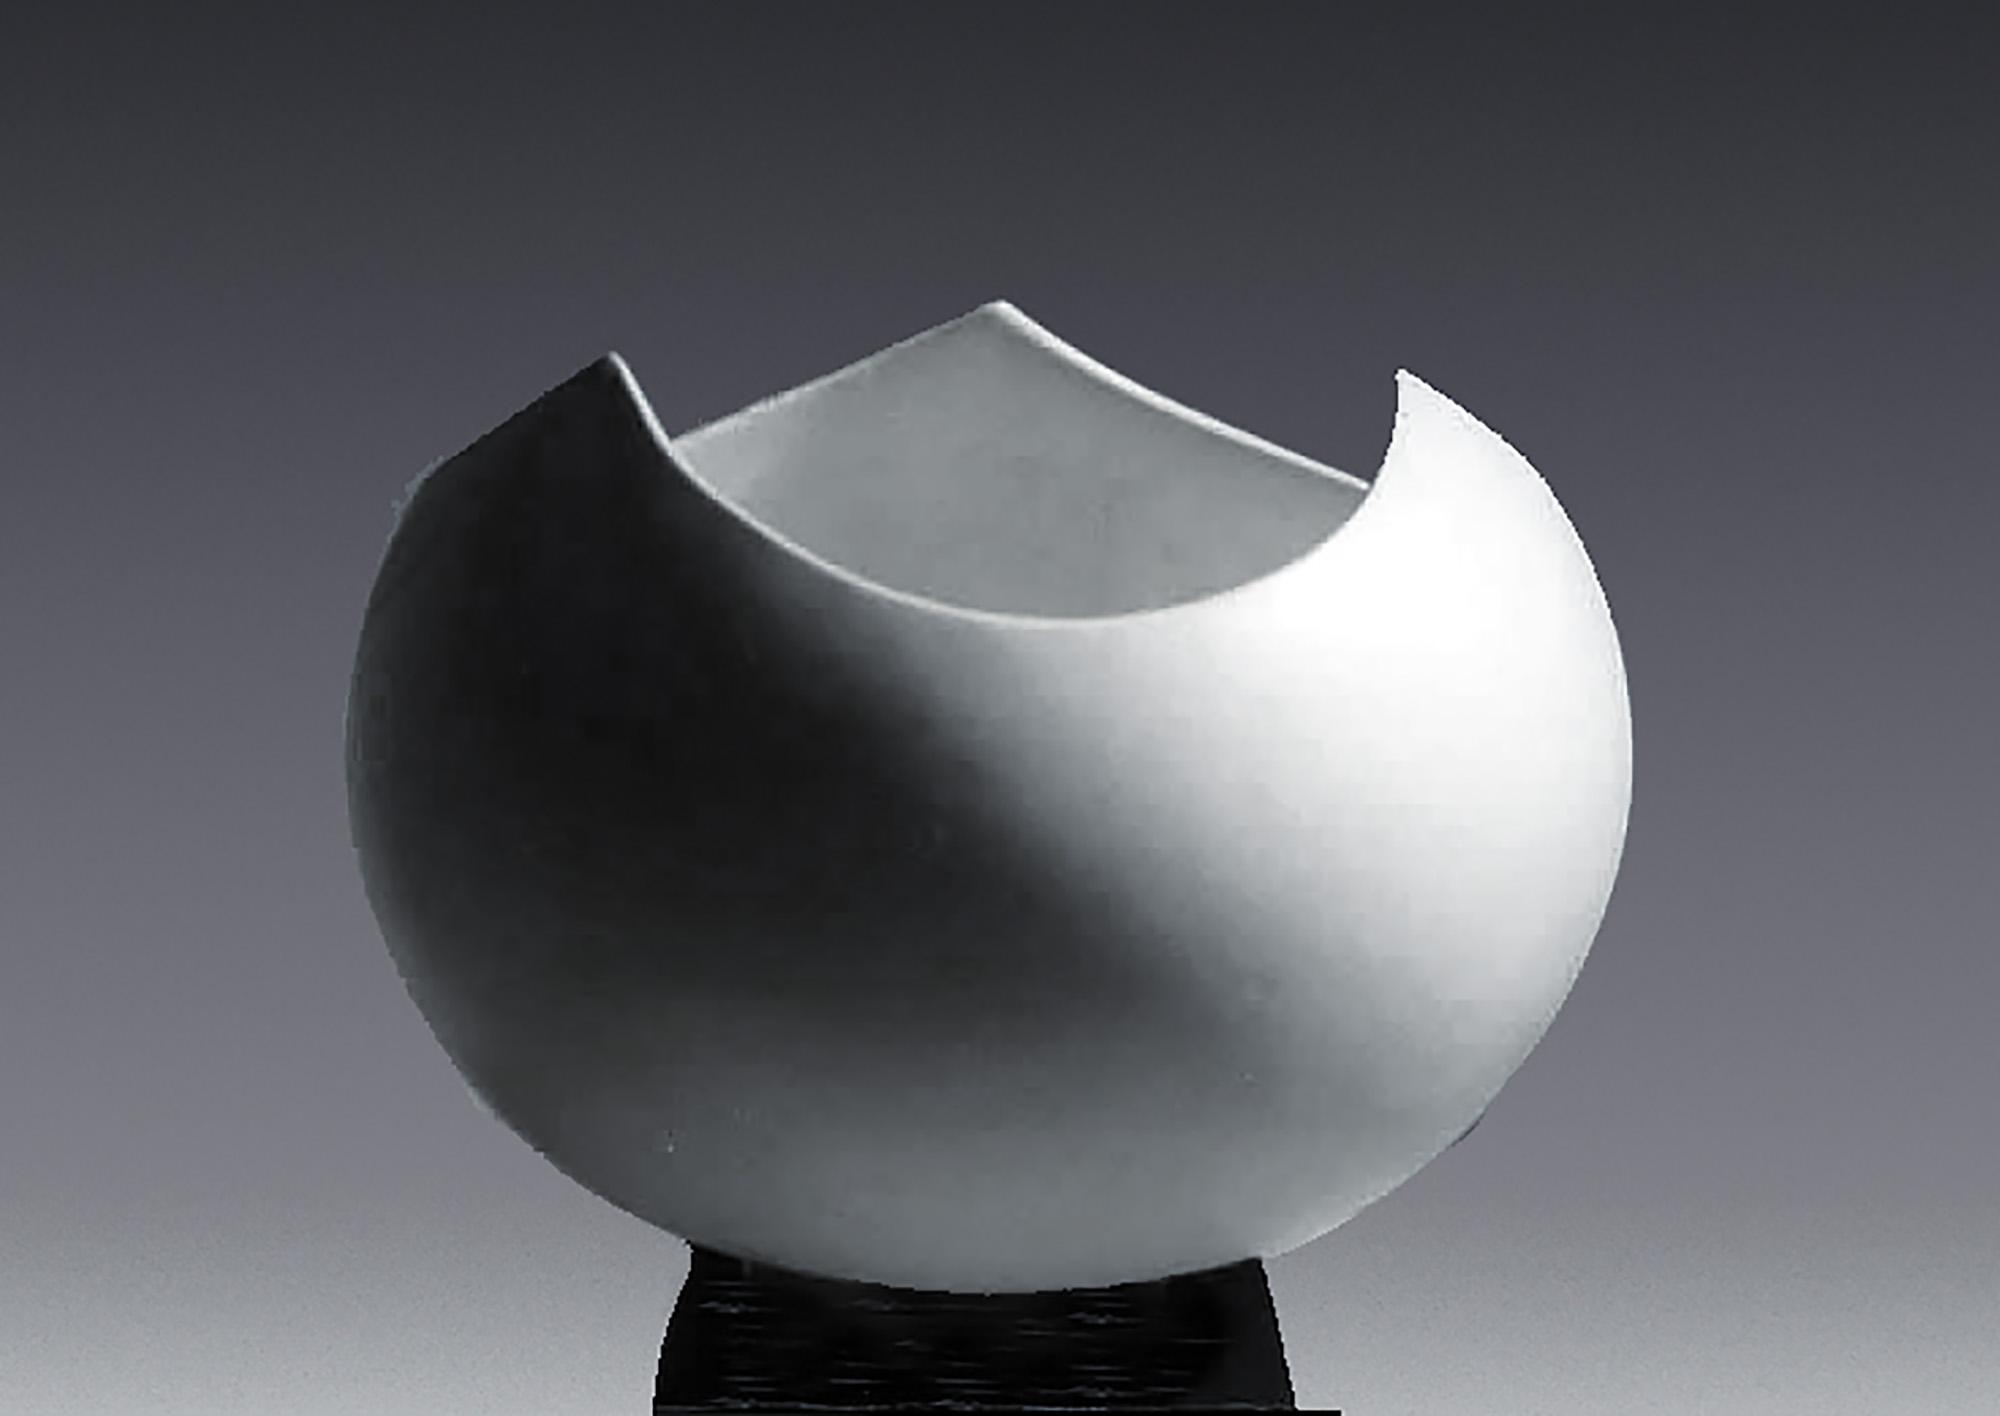 Trifoil Bowl